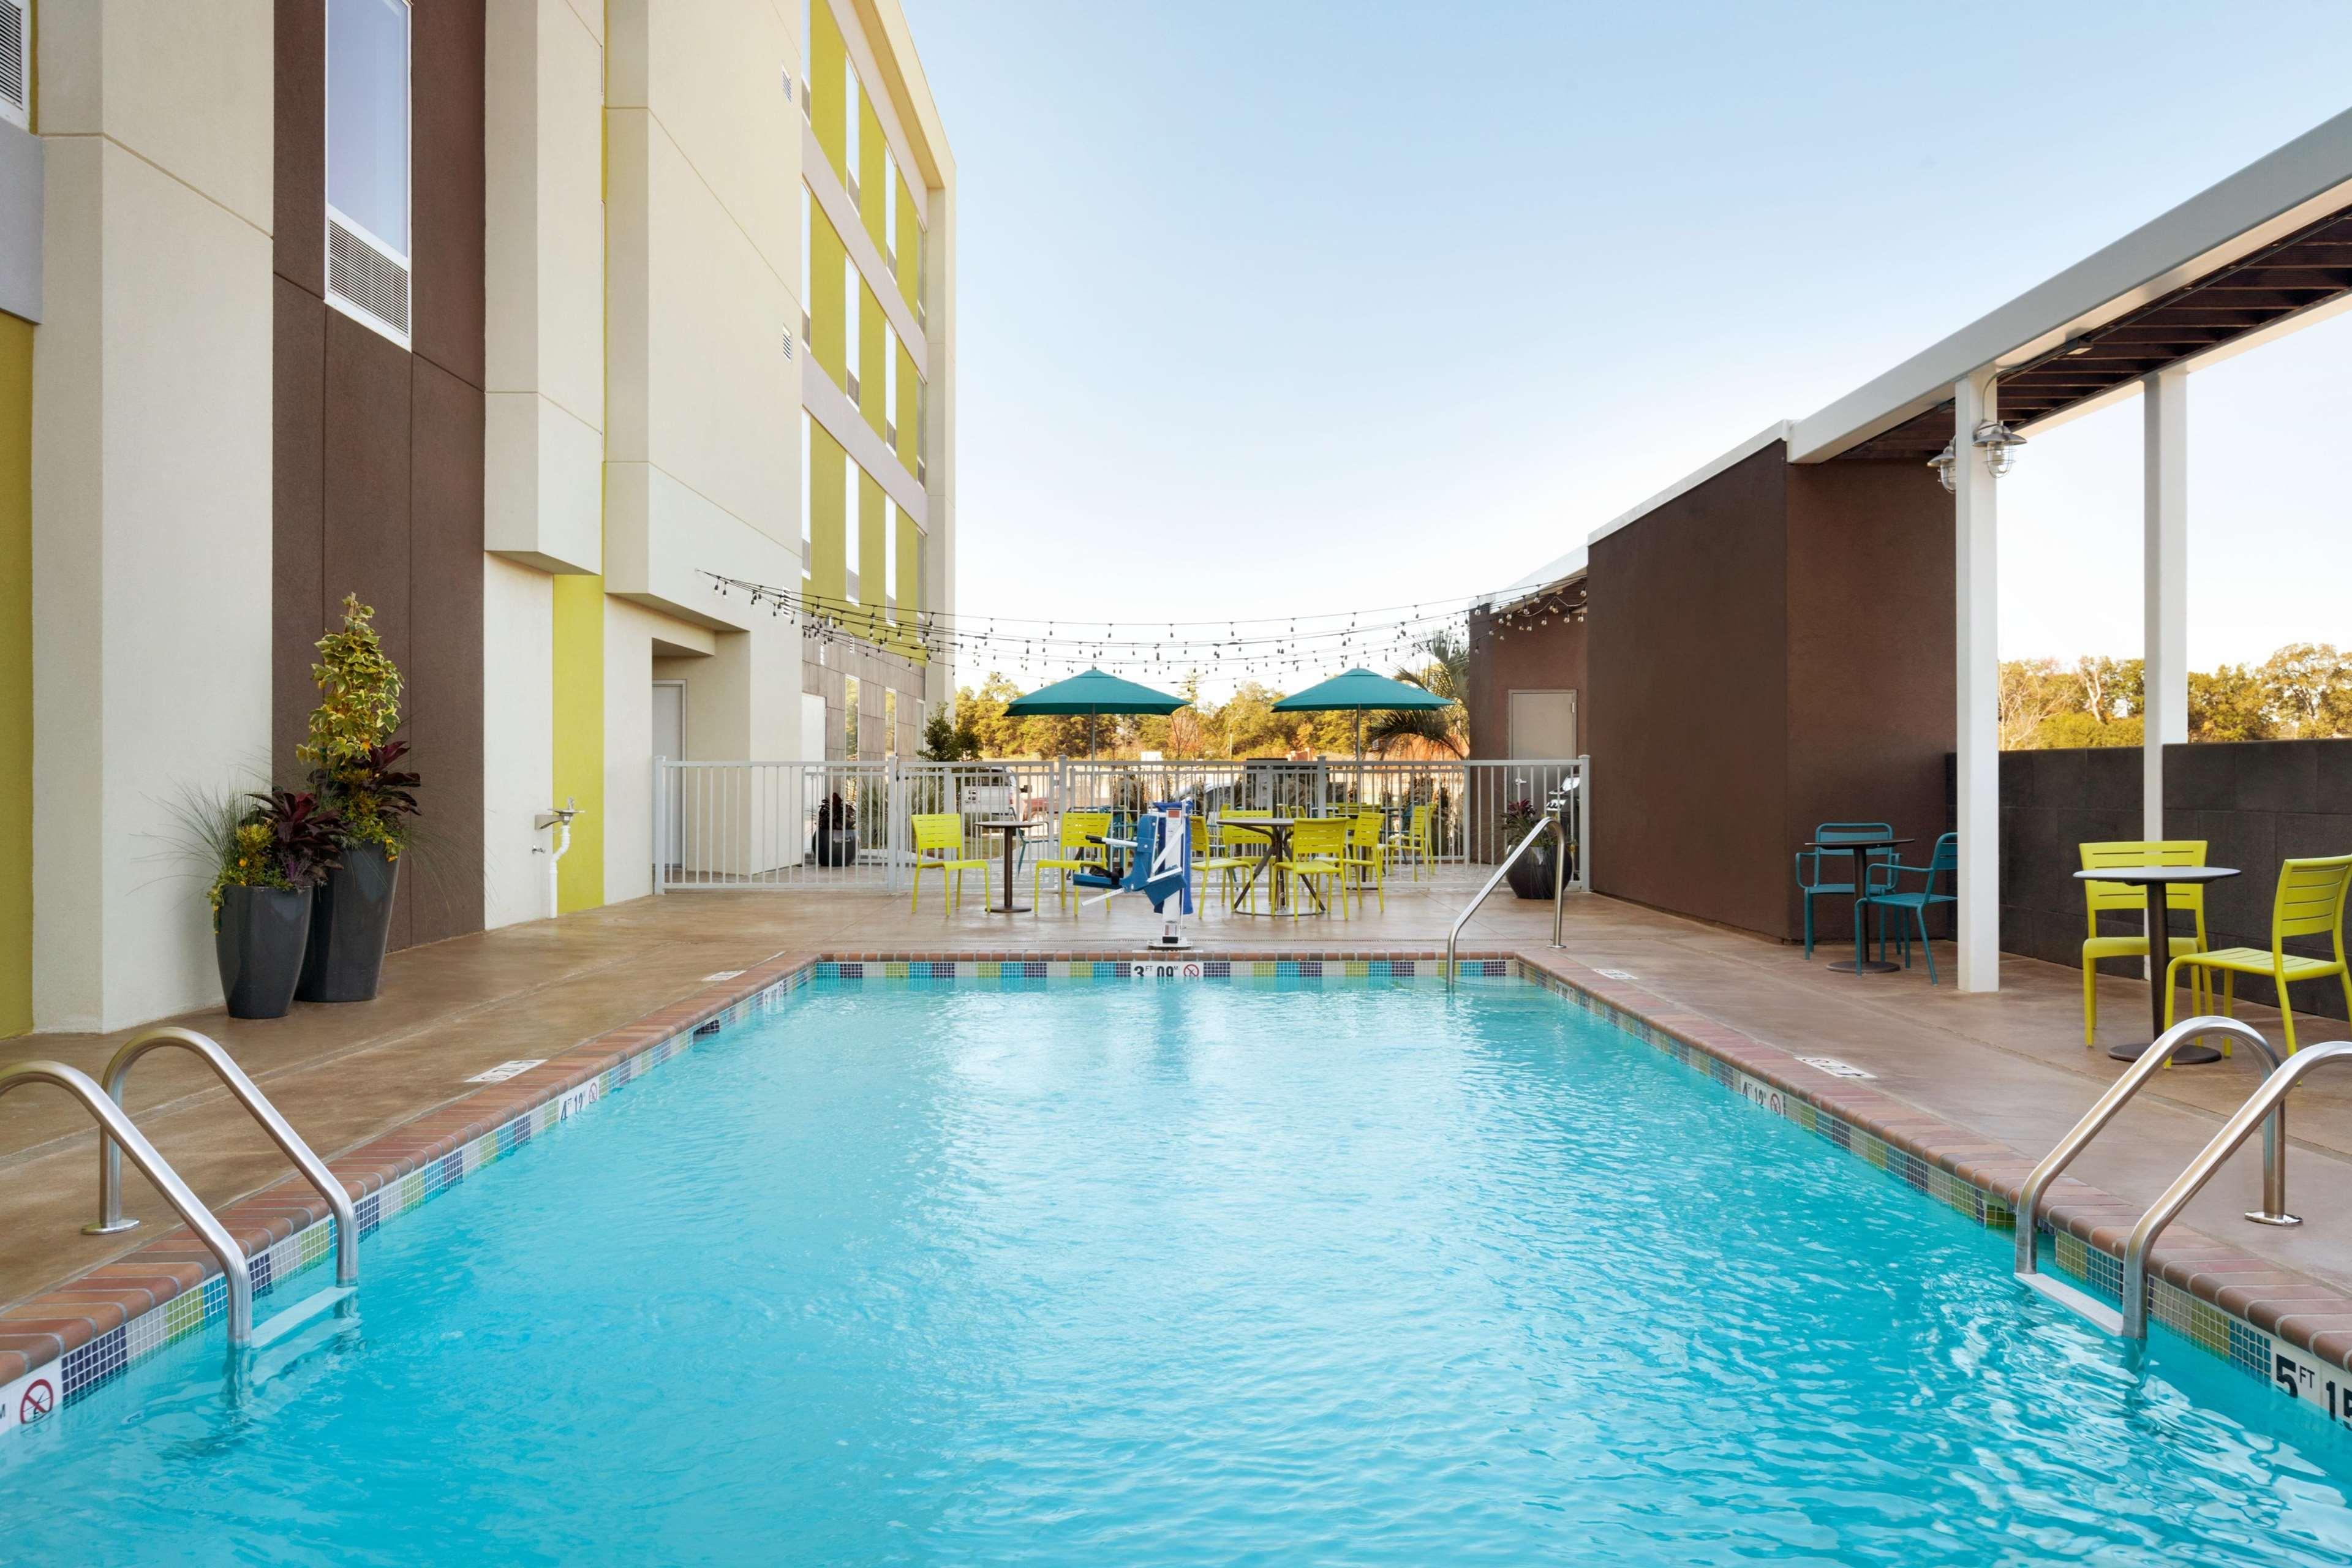 Home2 Suites By Hilton West Monroe West Monroe Louisiana La